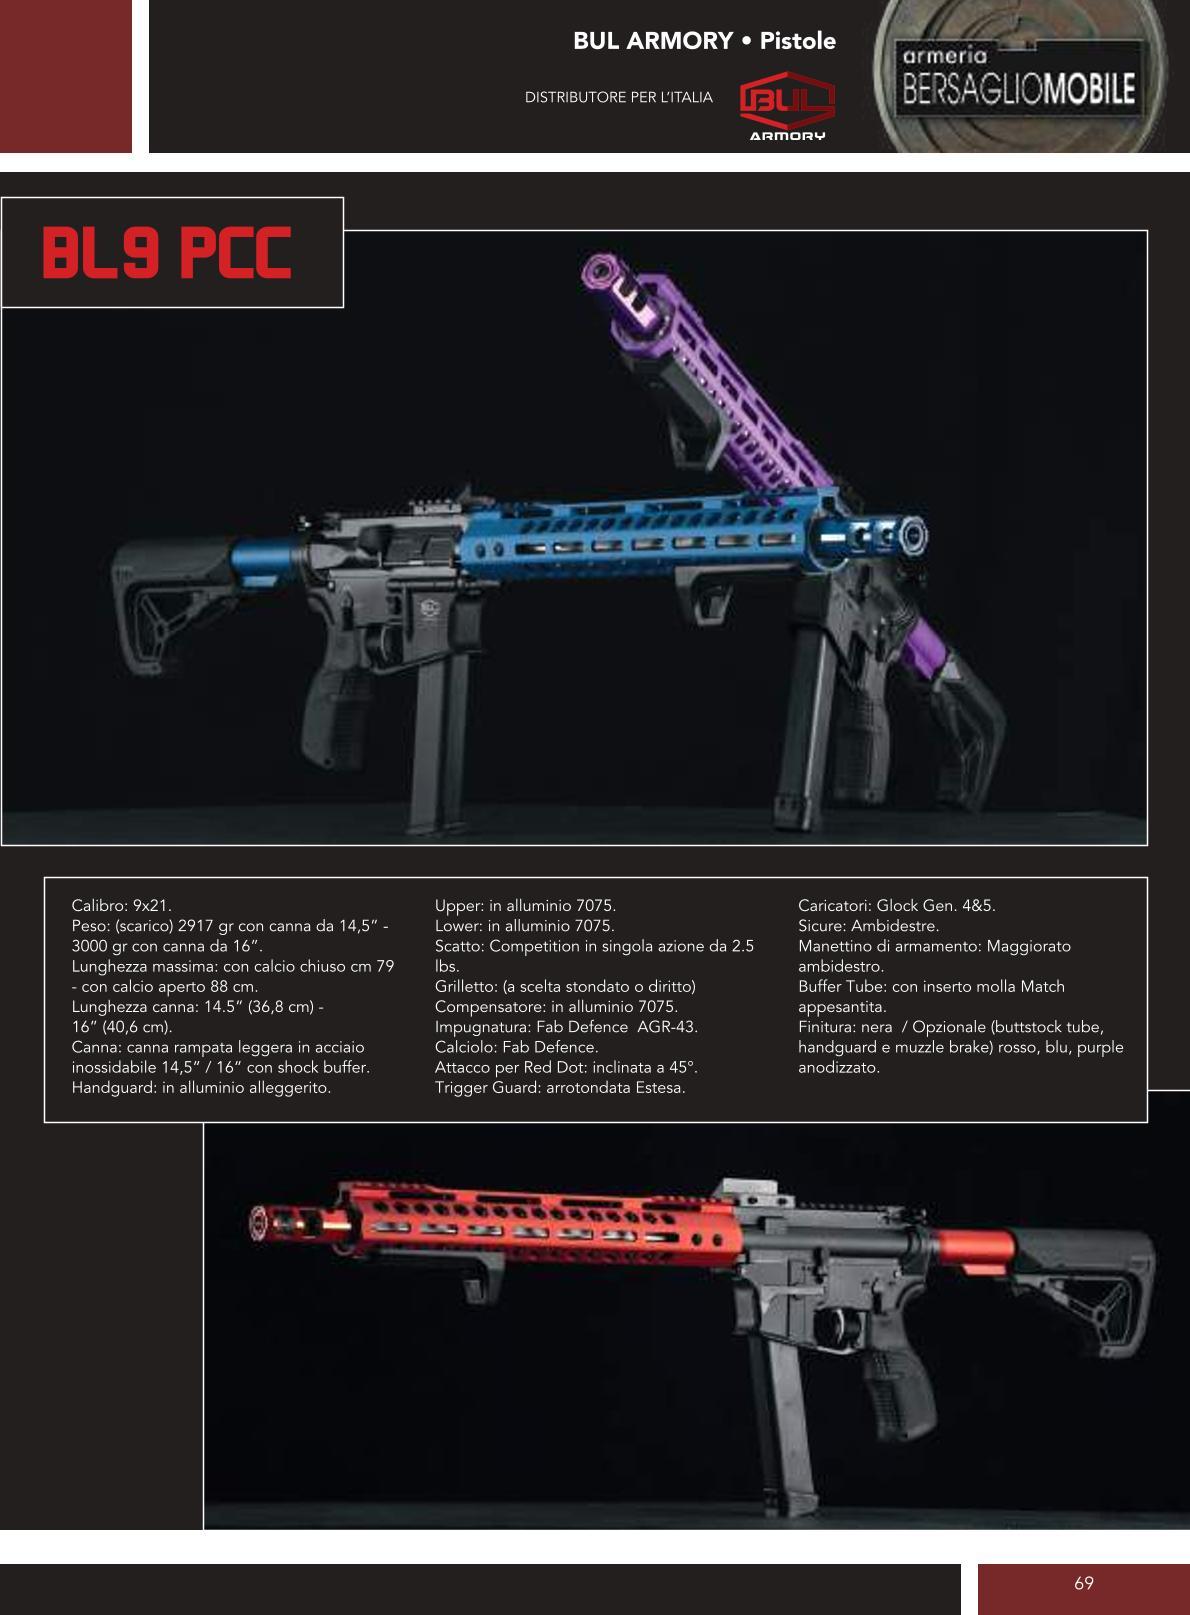 Bul Armory - BL9 PCC - Armeria Bersaglio Mobile